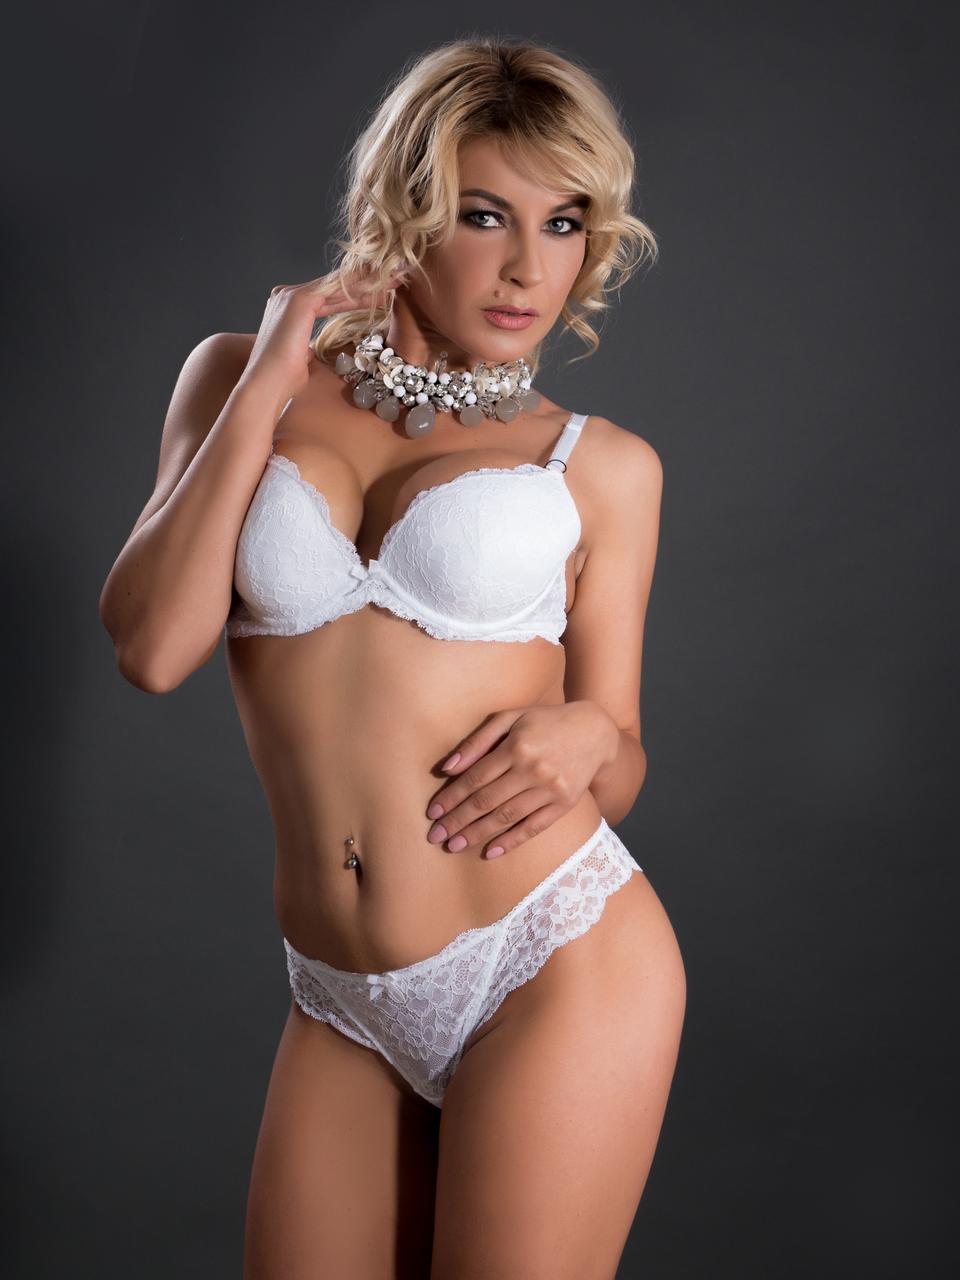 Комплект женского нижнего белья Acousma A6457BC-T6457H оптом, чашка B, цвет Белый